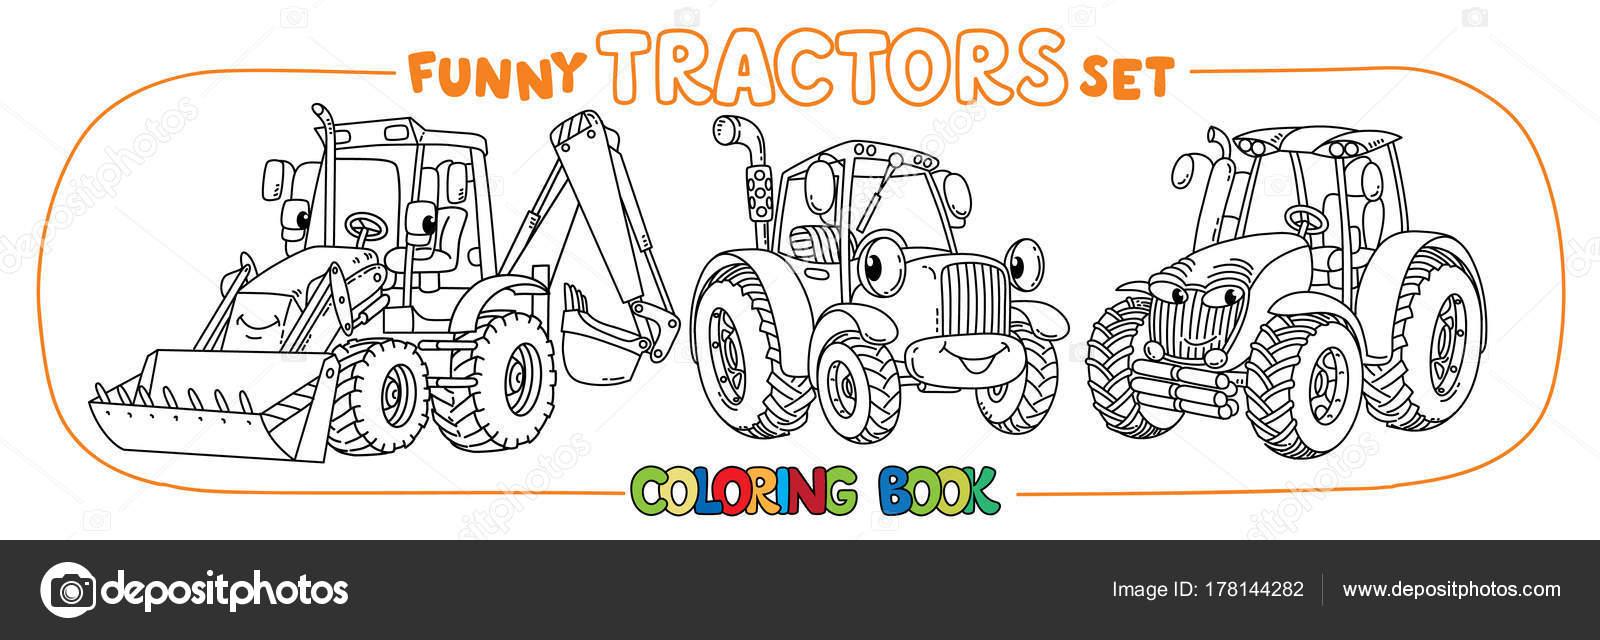 Ojos graciosos para pintar | Tractor pequeño gracioso con ojos ...